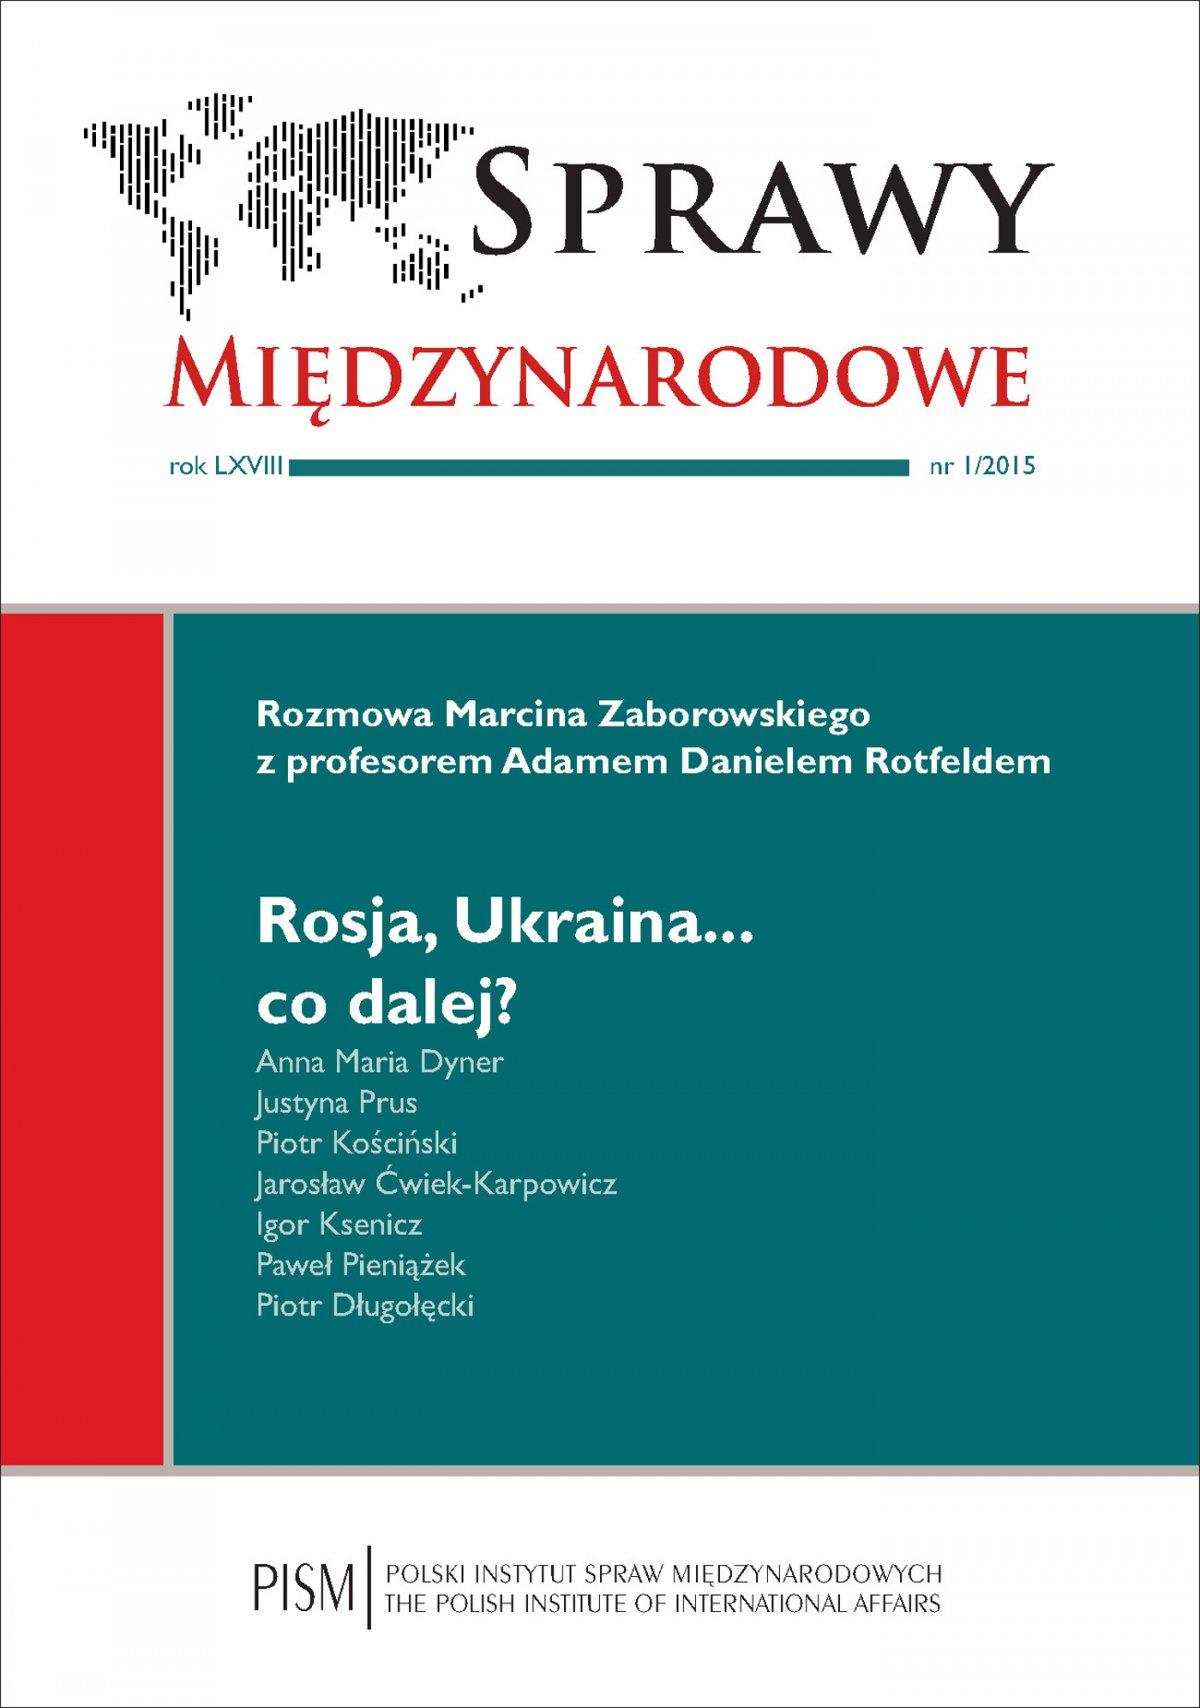 Sprawy Międzynarodowe 1/2015 - Ebook (Książka PDF) do pobrania w formacie PDF